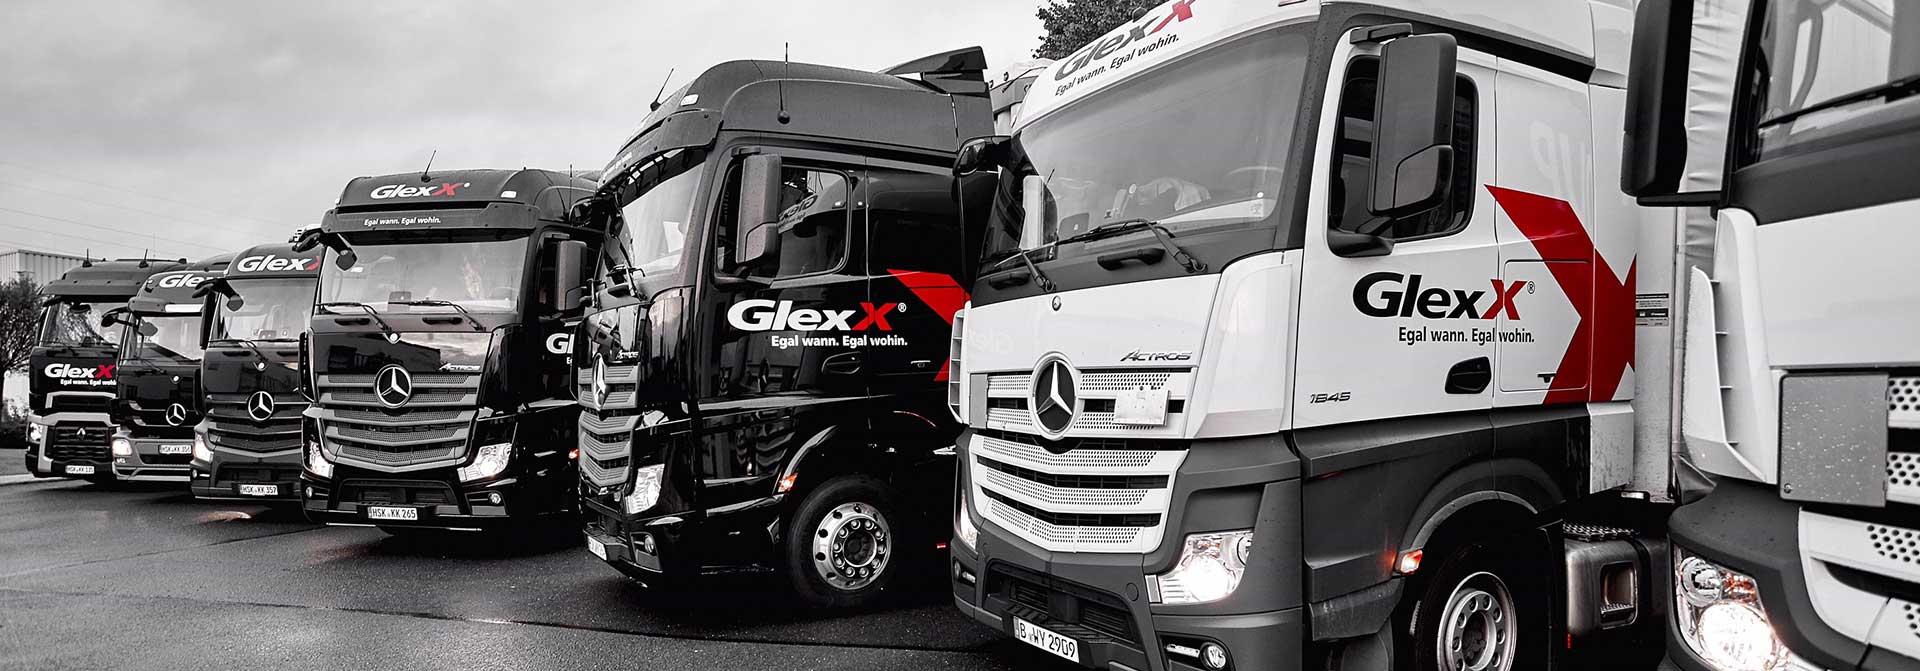 glexx_001